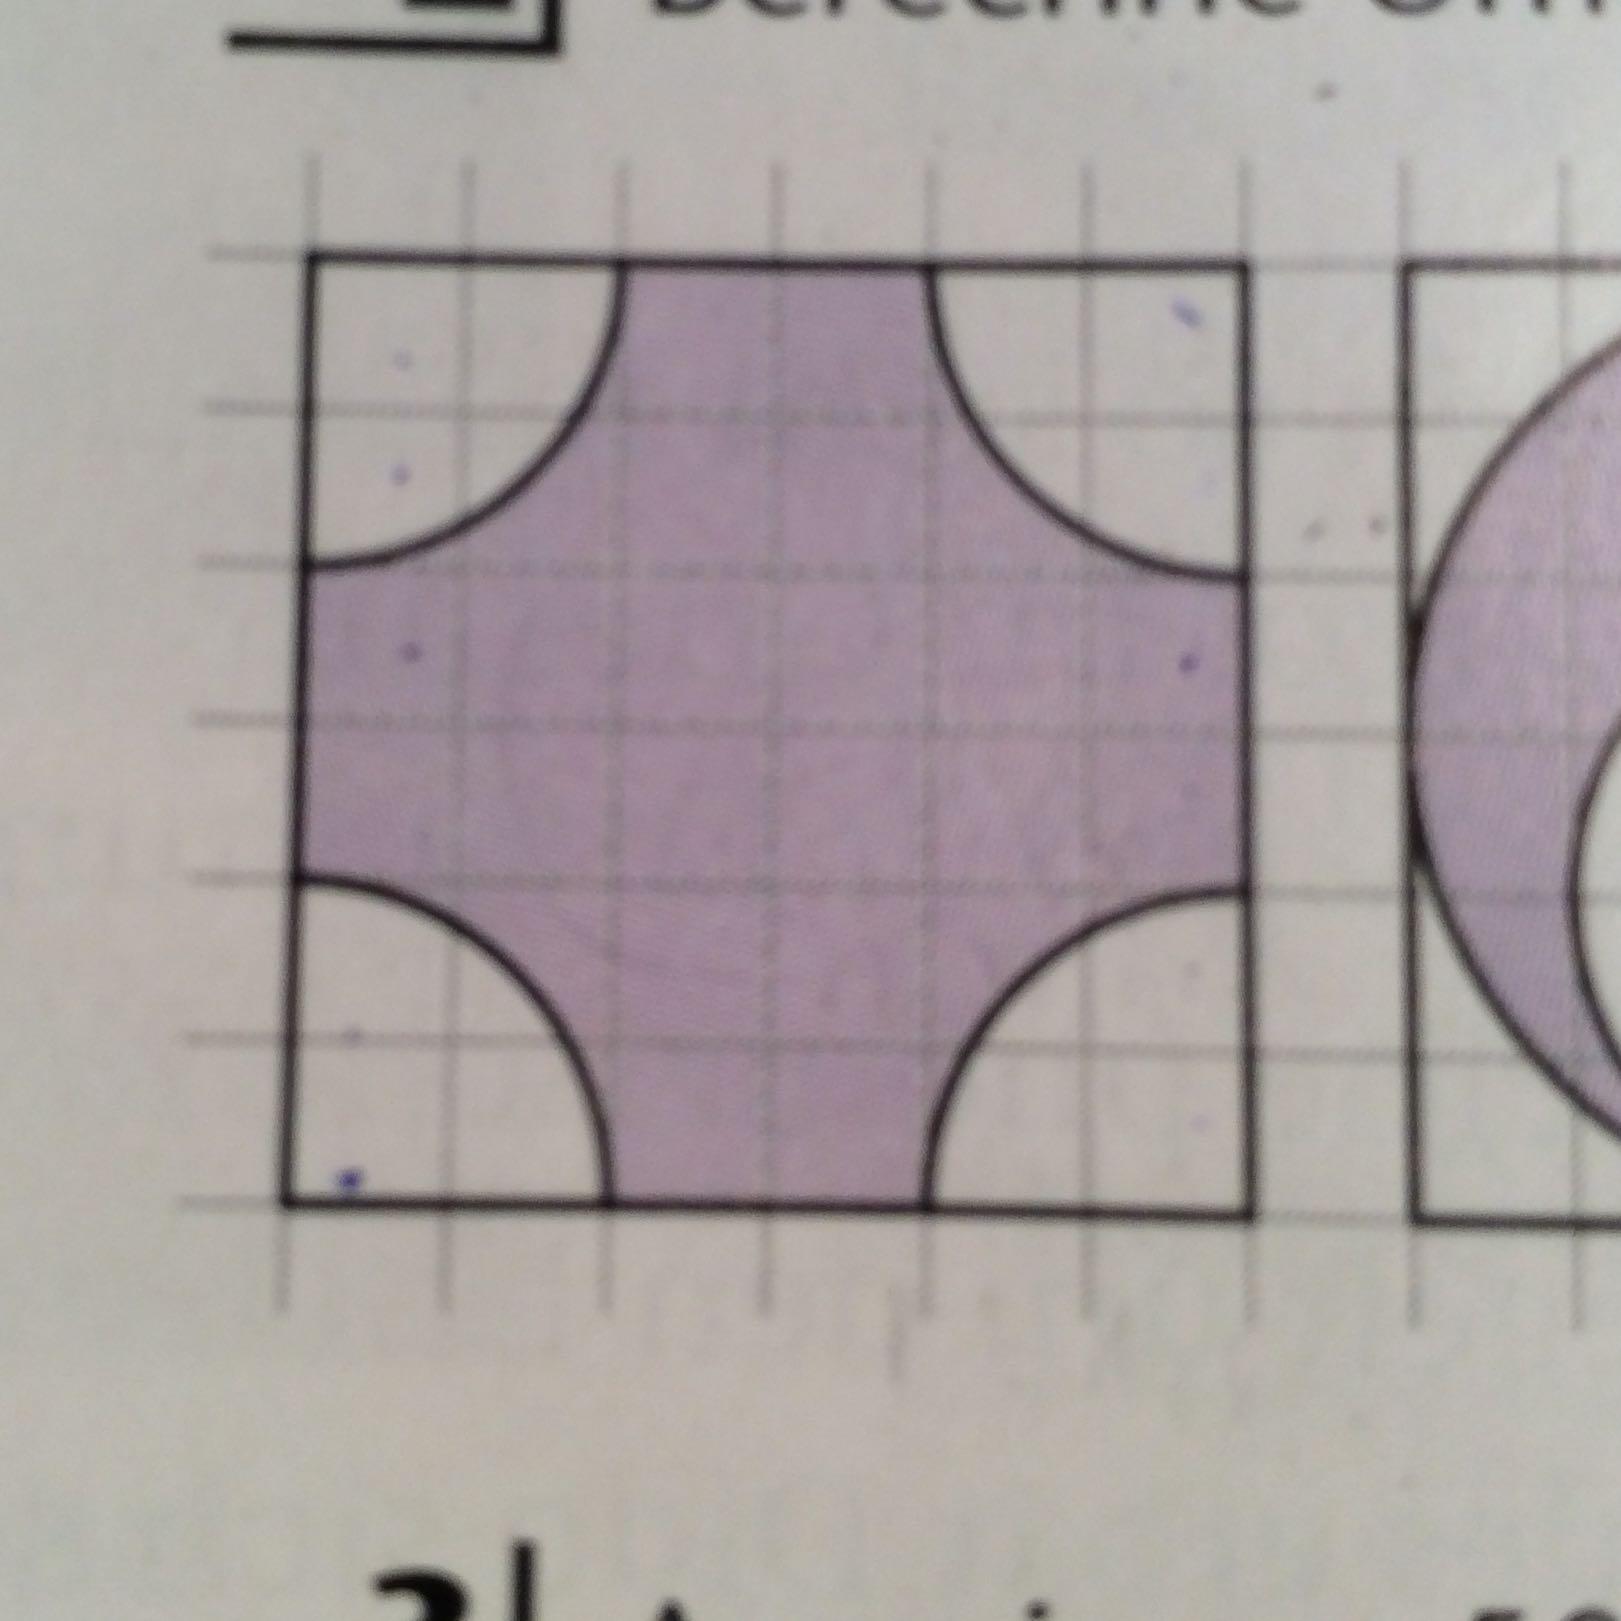 wie berechne ich den fl cheninhalt und umfang der lila fl che bitte hilfe schule mathe. Black Bedroom Furniture Sets. Home Design Ideas